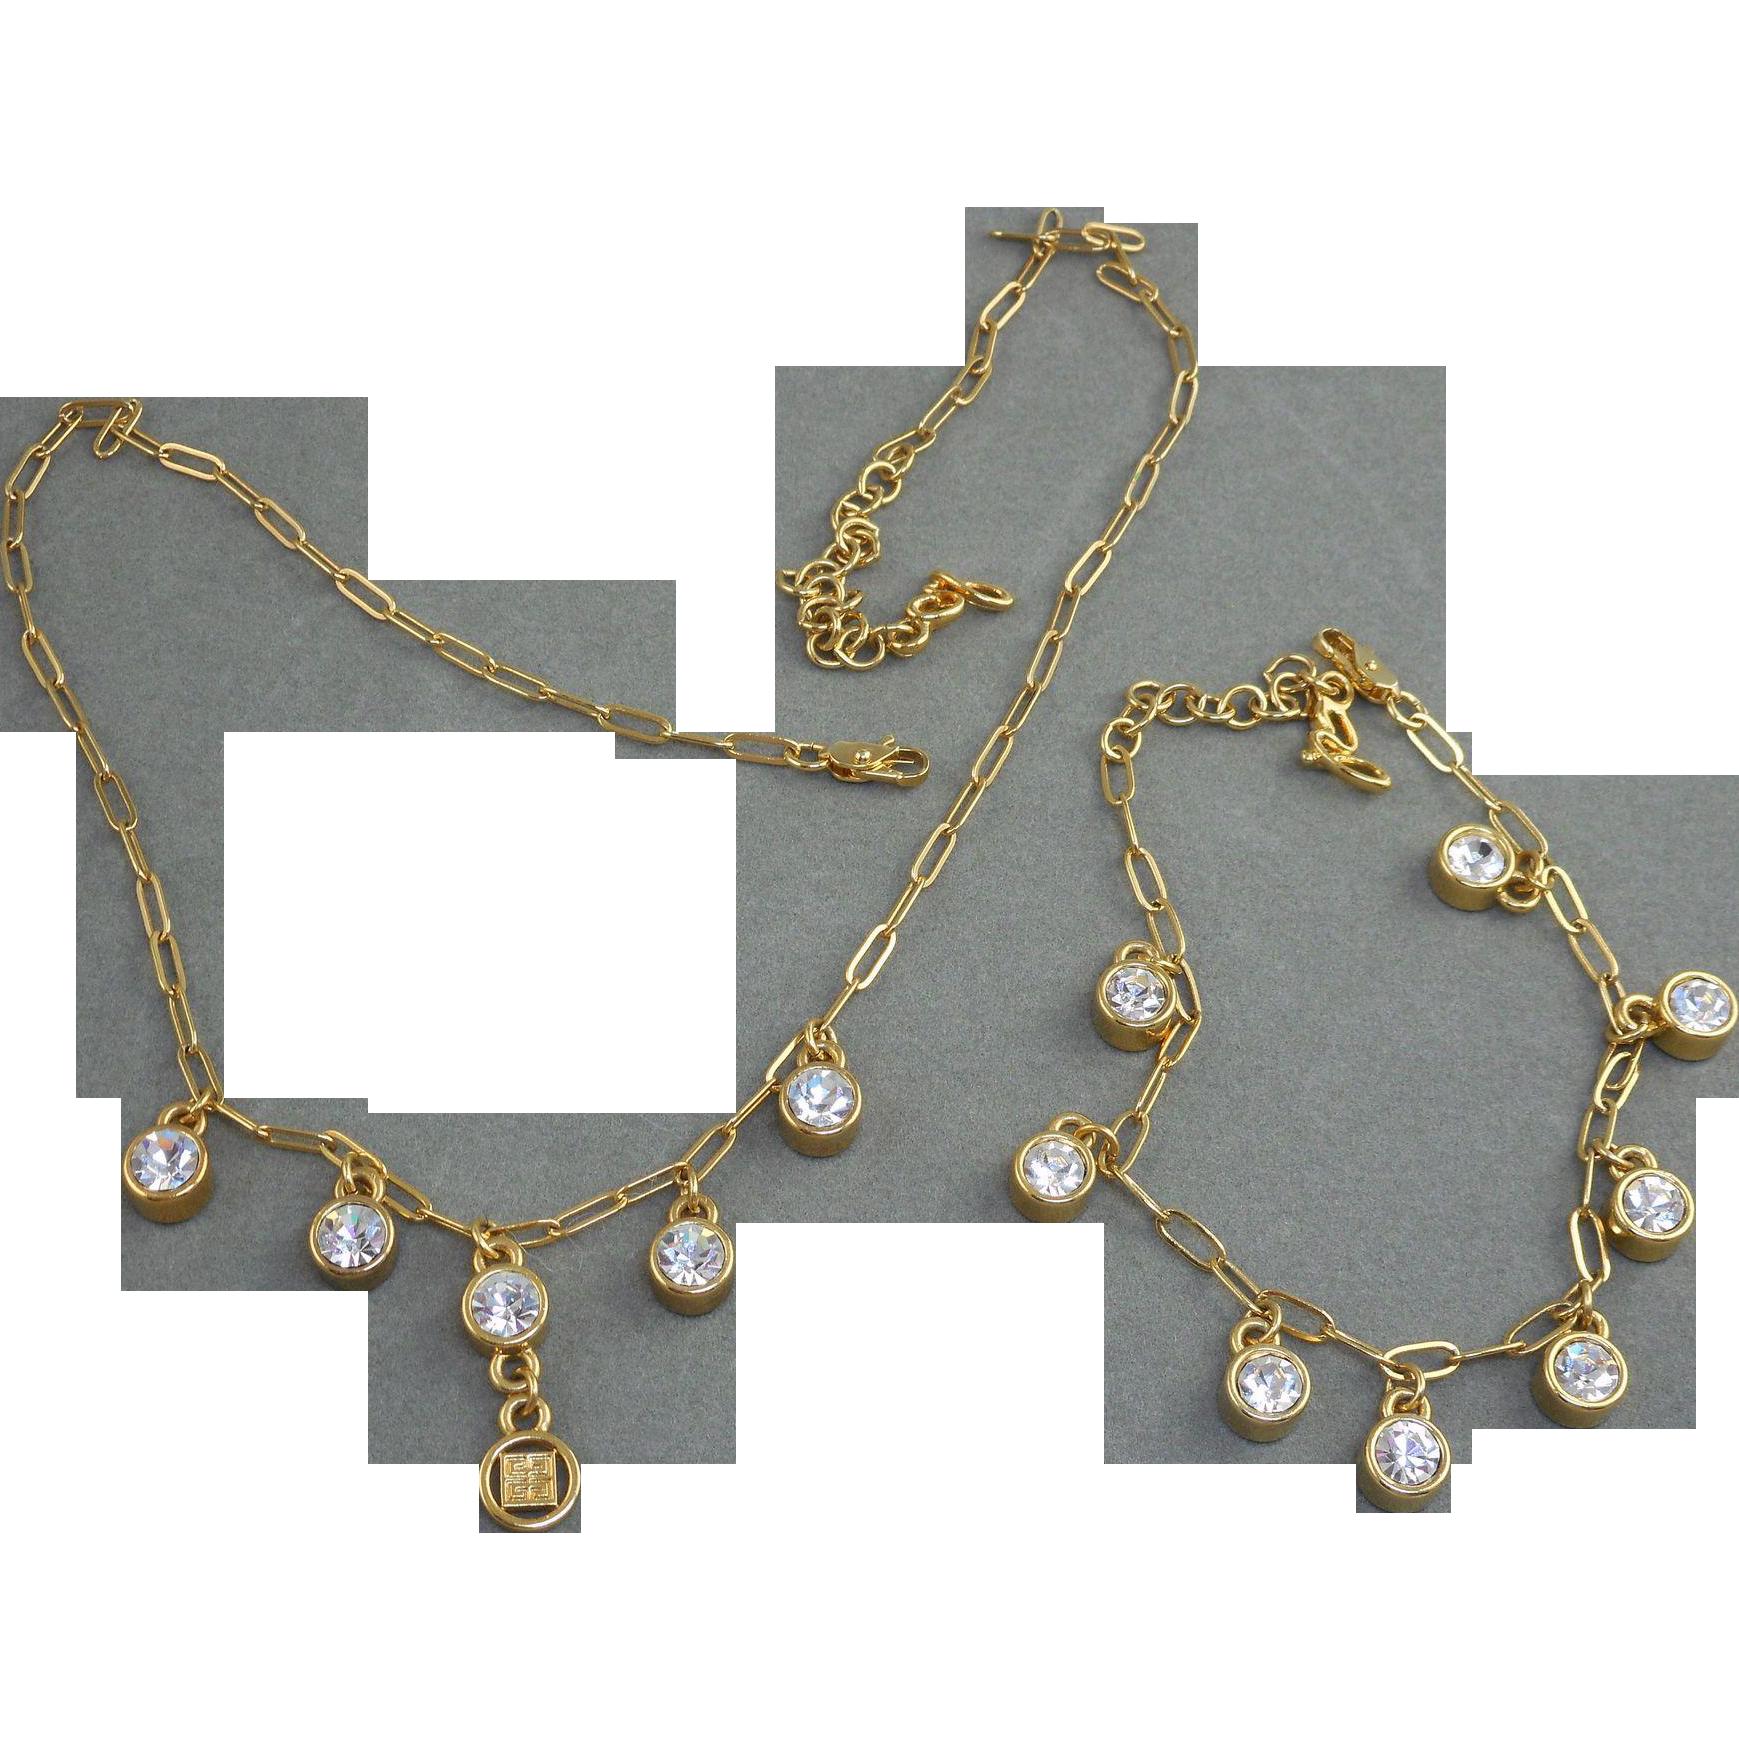 Givenchy Necklace Bracelet